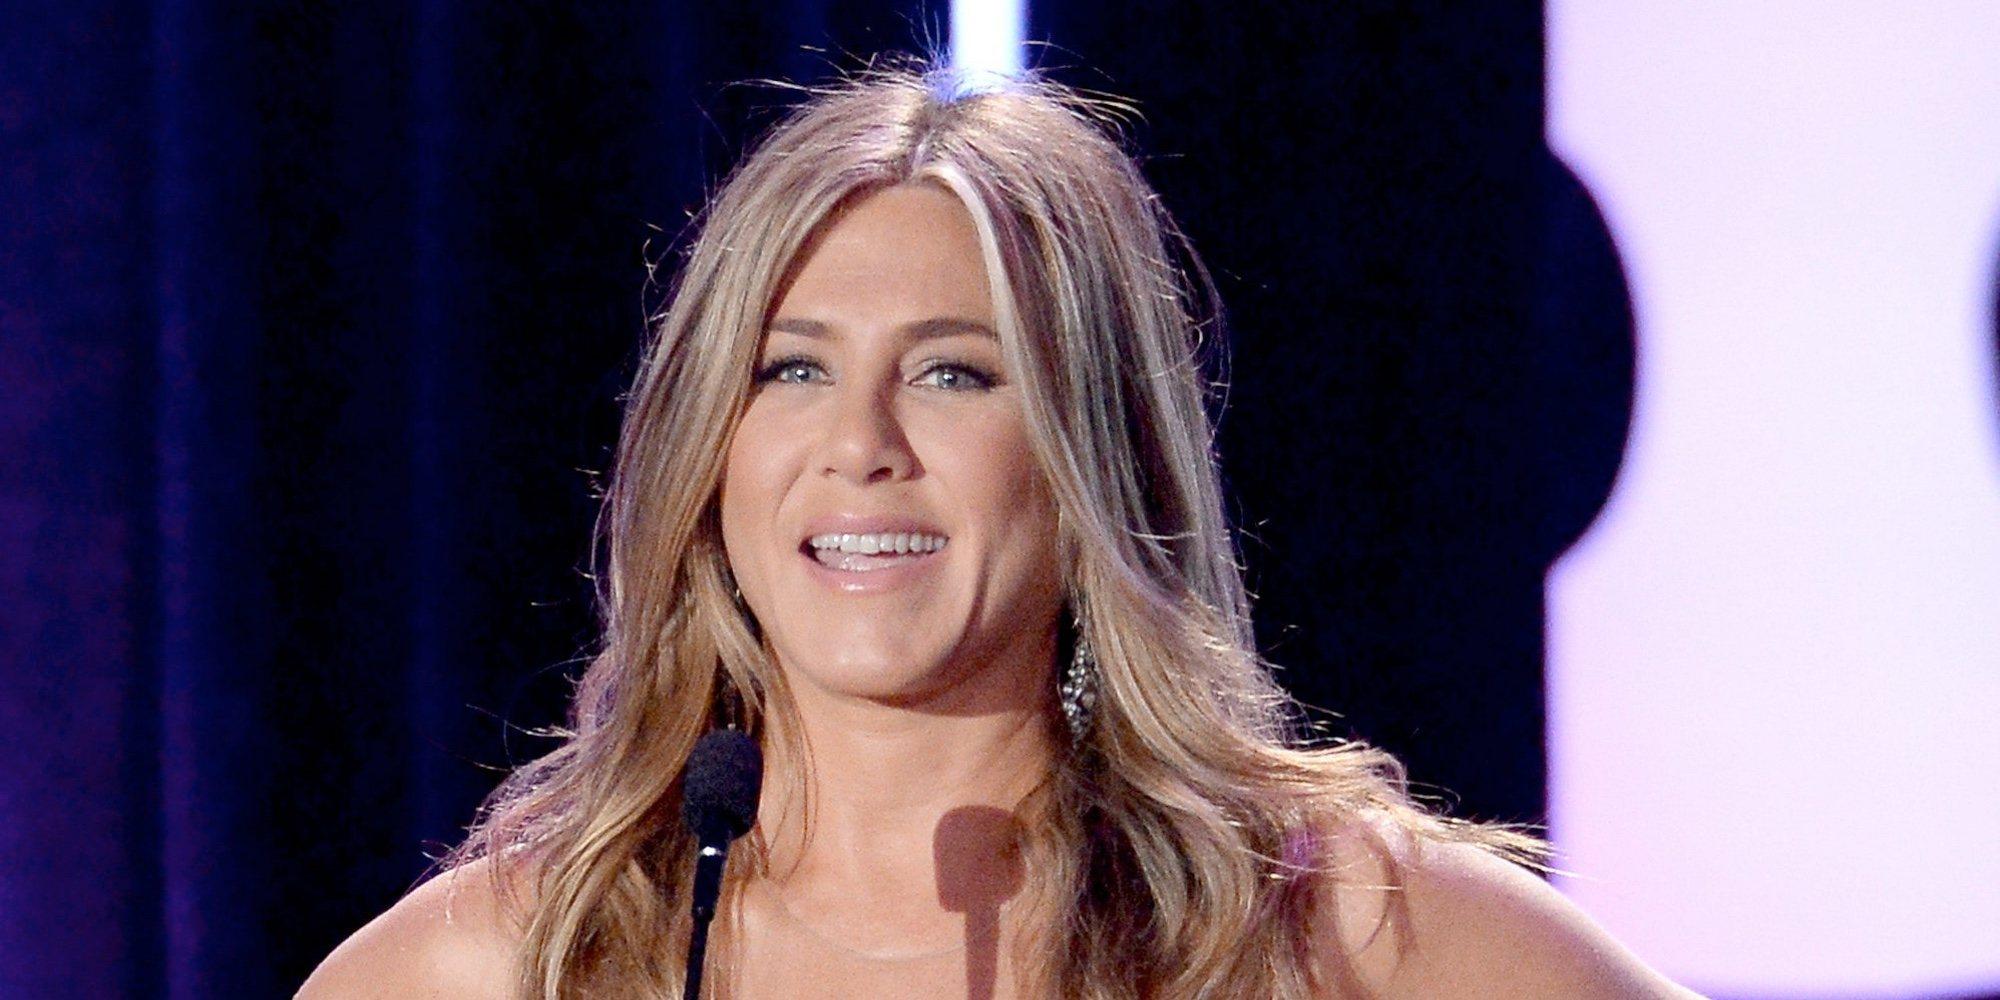 Jennifer Aniston ha celebrado su 50 cumpleaños con una gran fiesta en la que estuvo Brad Pitt